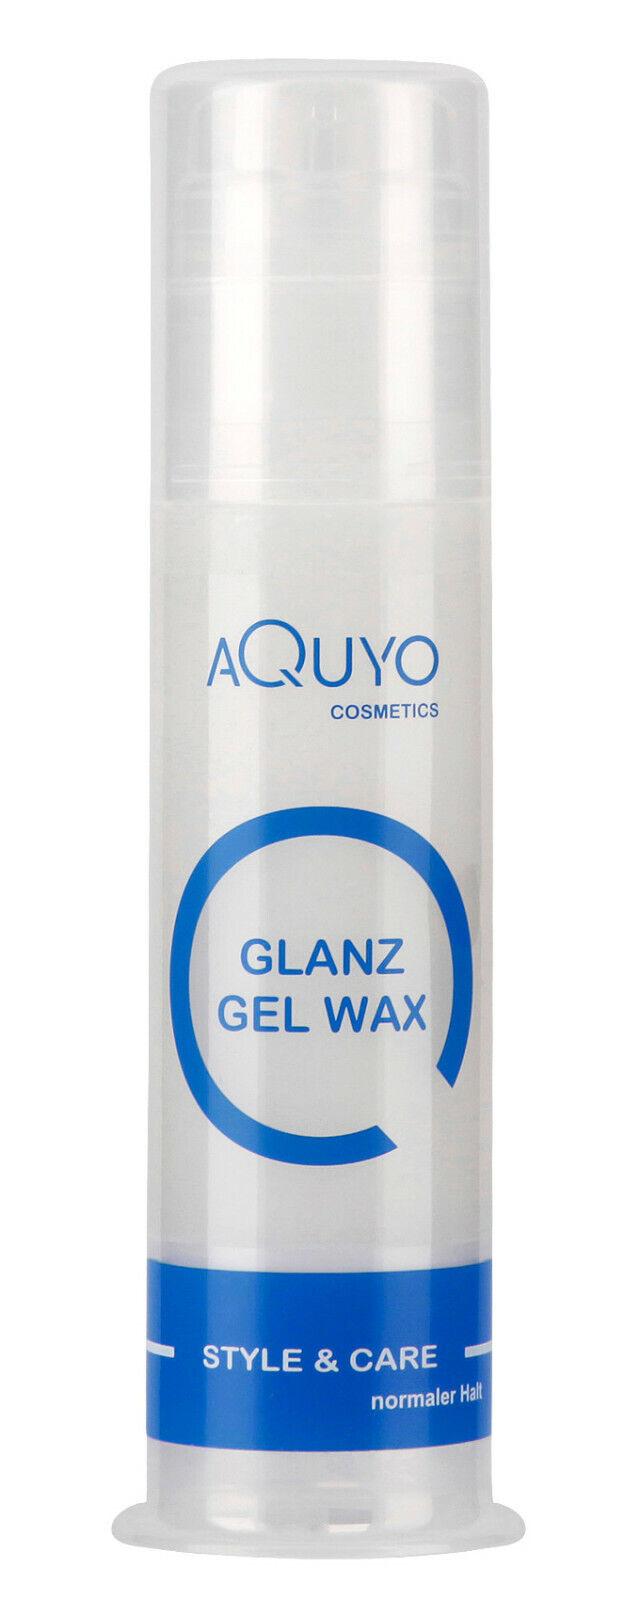 Glanz Gel Wax Stylingcreme Haarcreme glänzendes Haar Creme Styling Wachs Wax